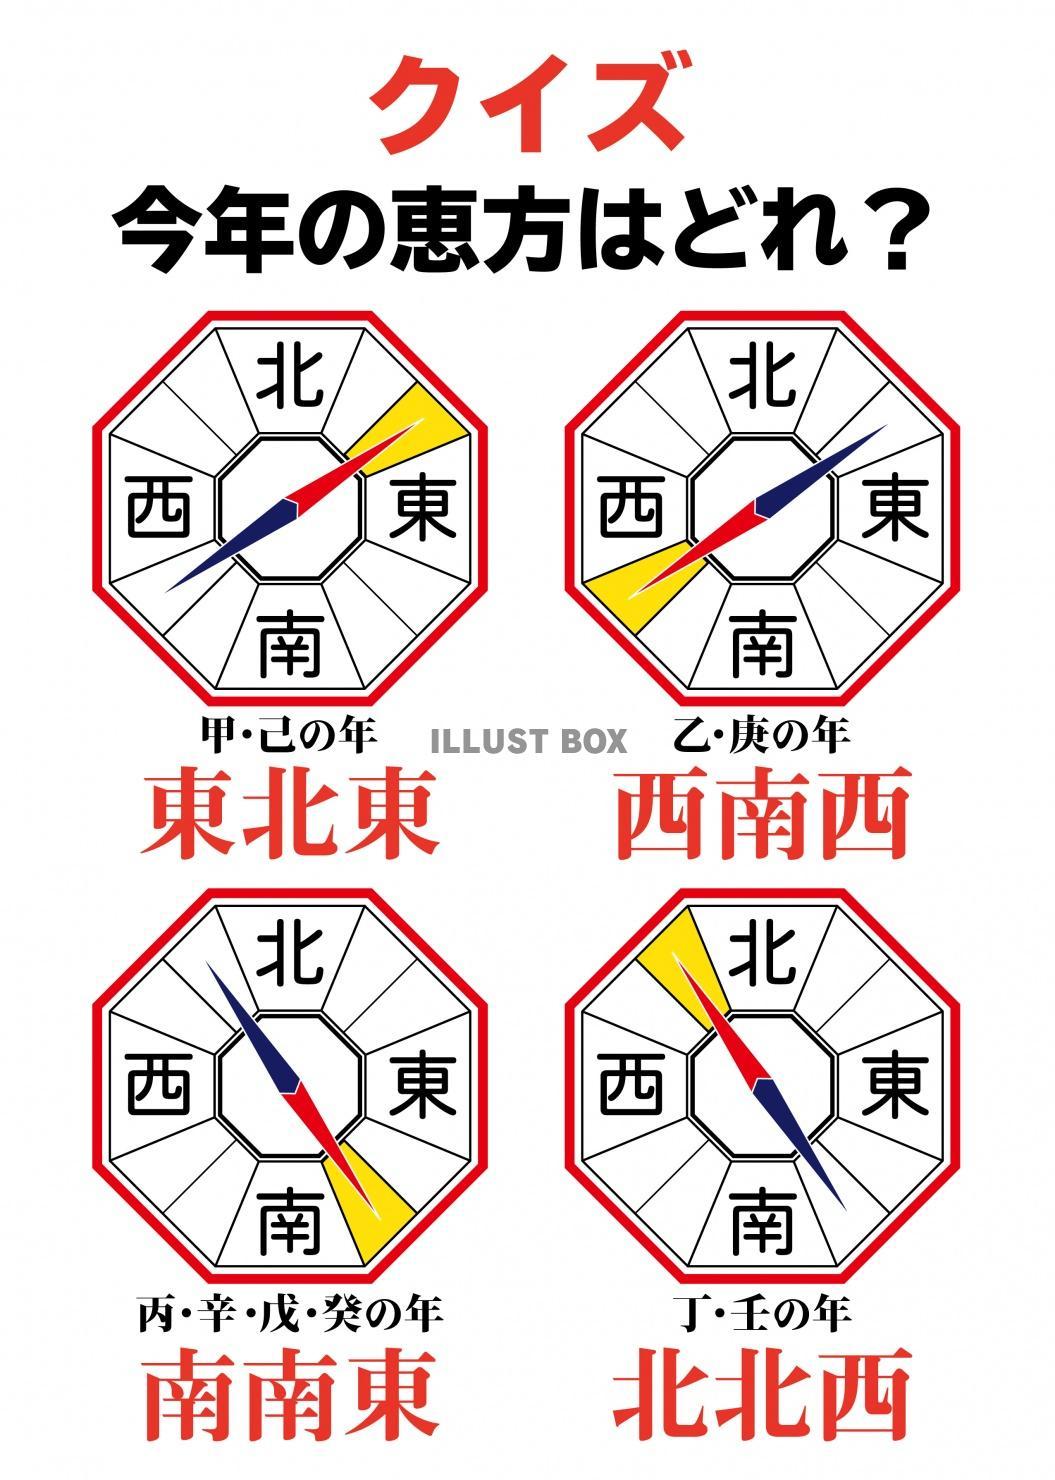 無料イラスト 恵方・東北東・西南西・南南東・北北西・4種類セットクイズ